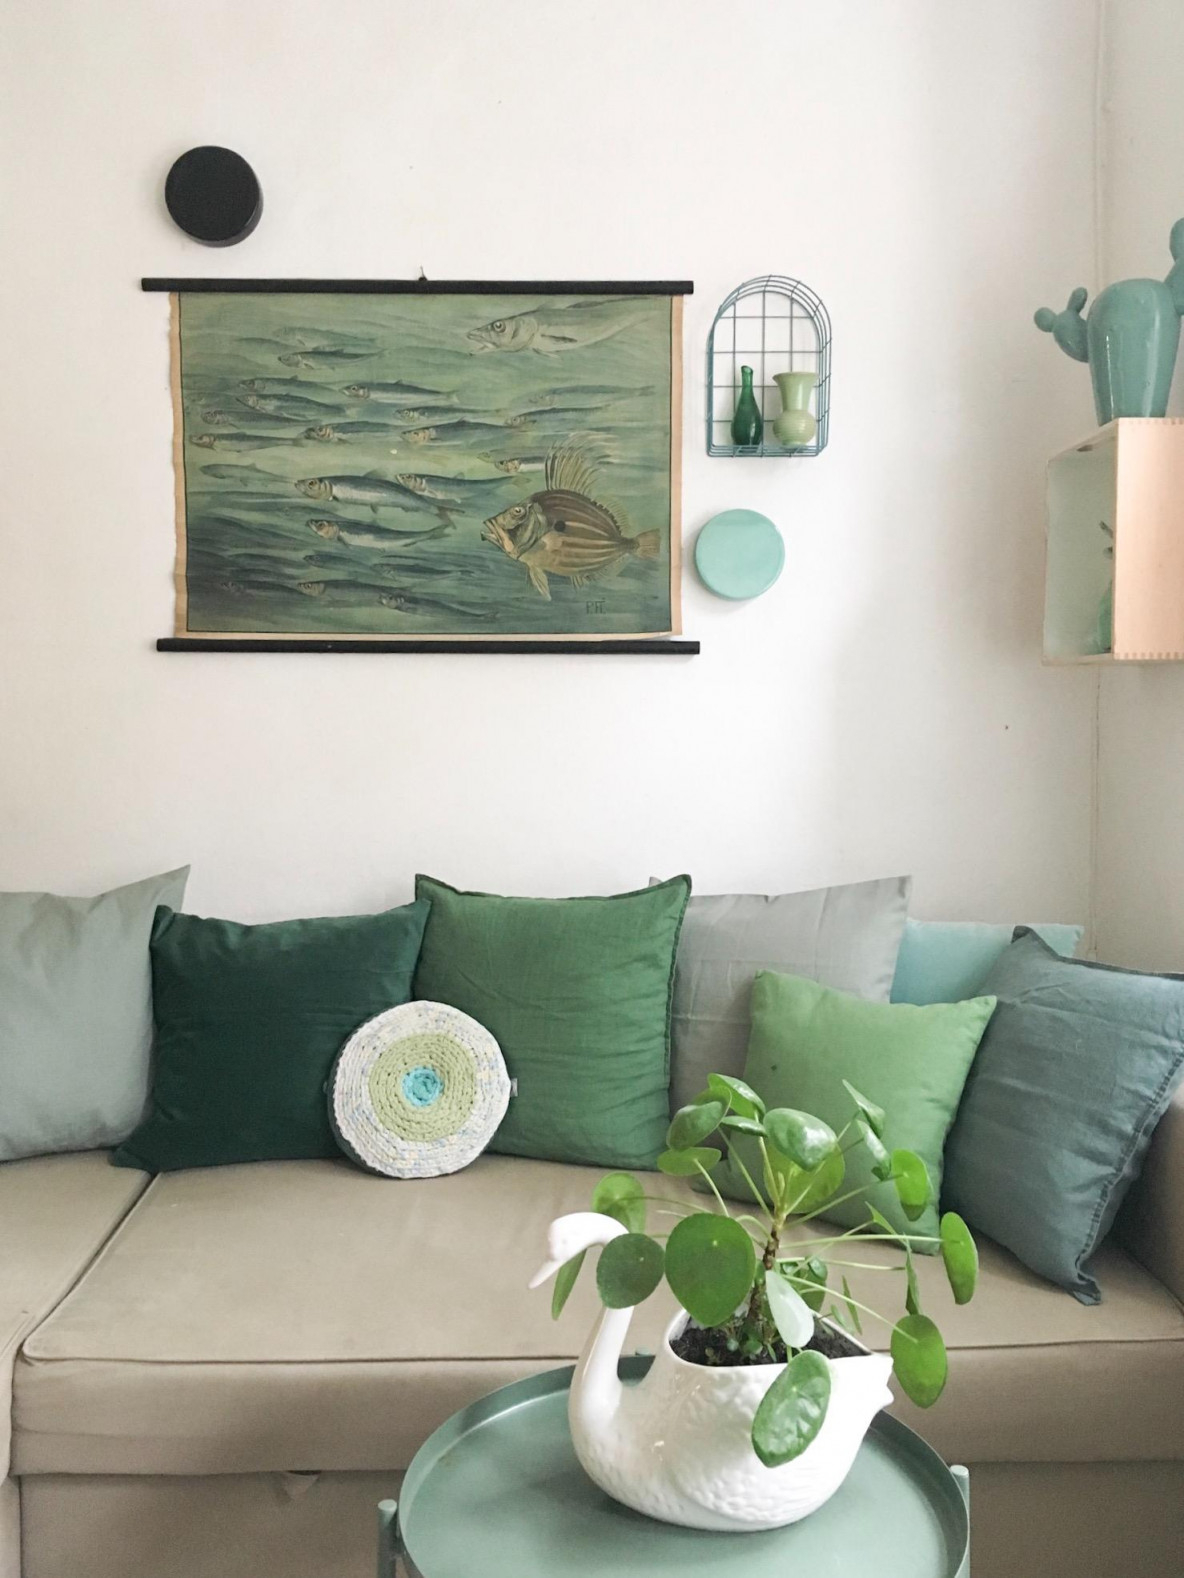 Grün Ist Und Bleibt Meine Lieblingsfarbe 💚🌱 Wohnzim von Deko Mintgrün Wohnzimmer Bild